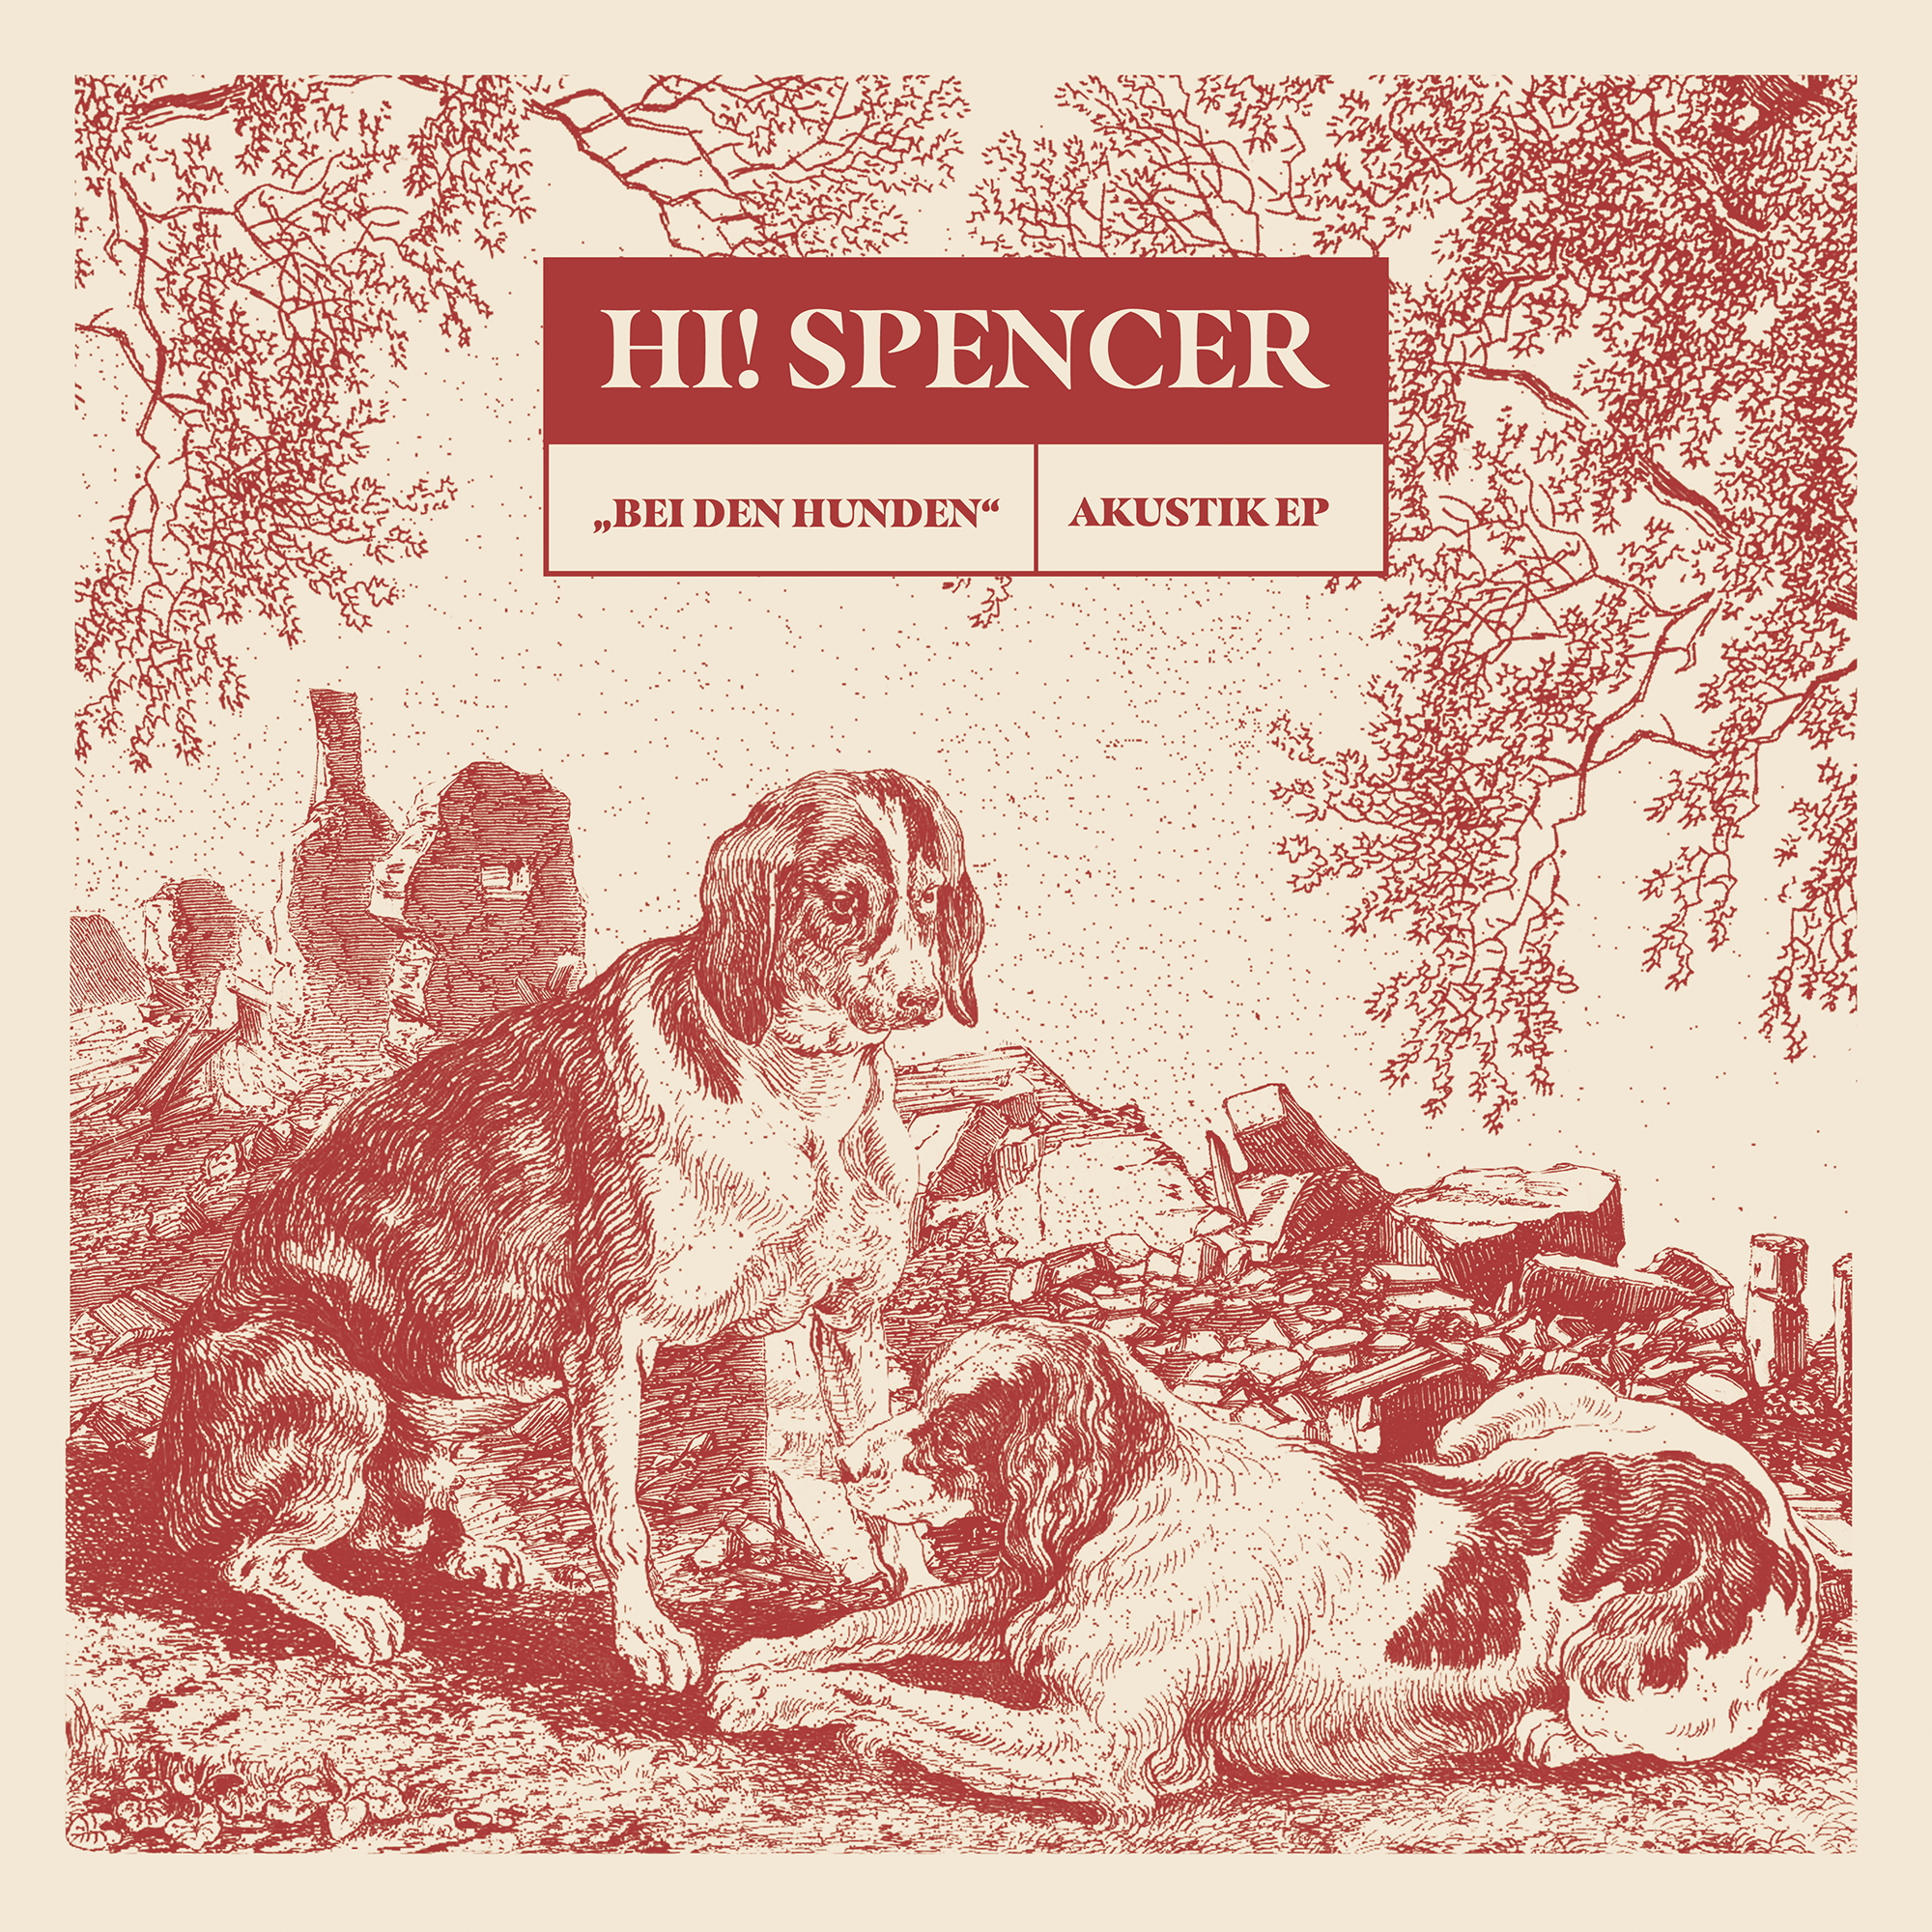 Hi! Spencer – Bei den Hunden (EP)